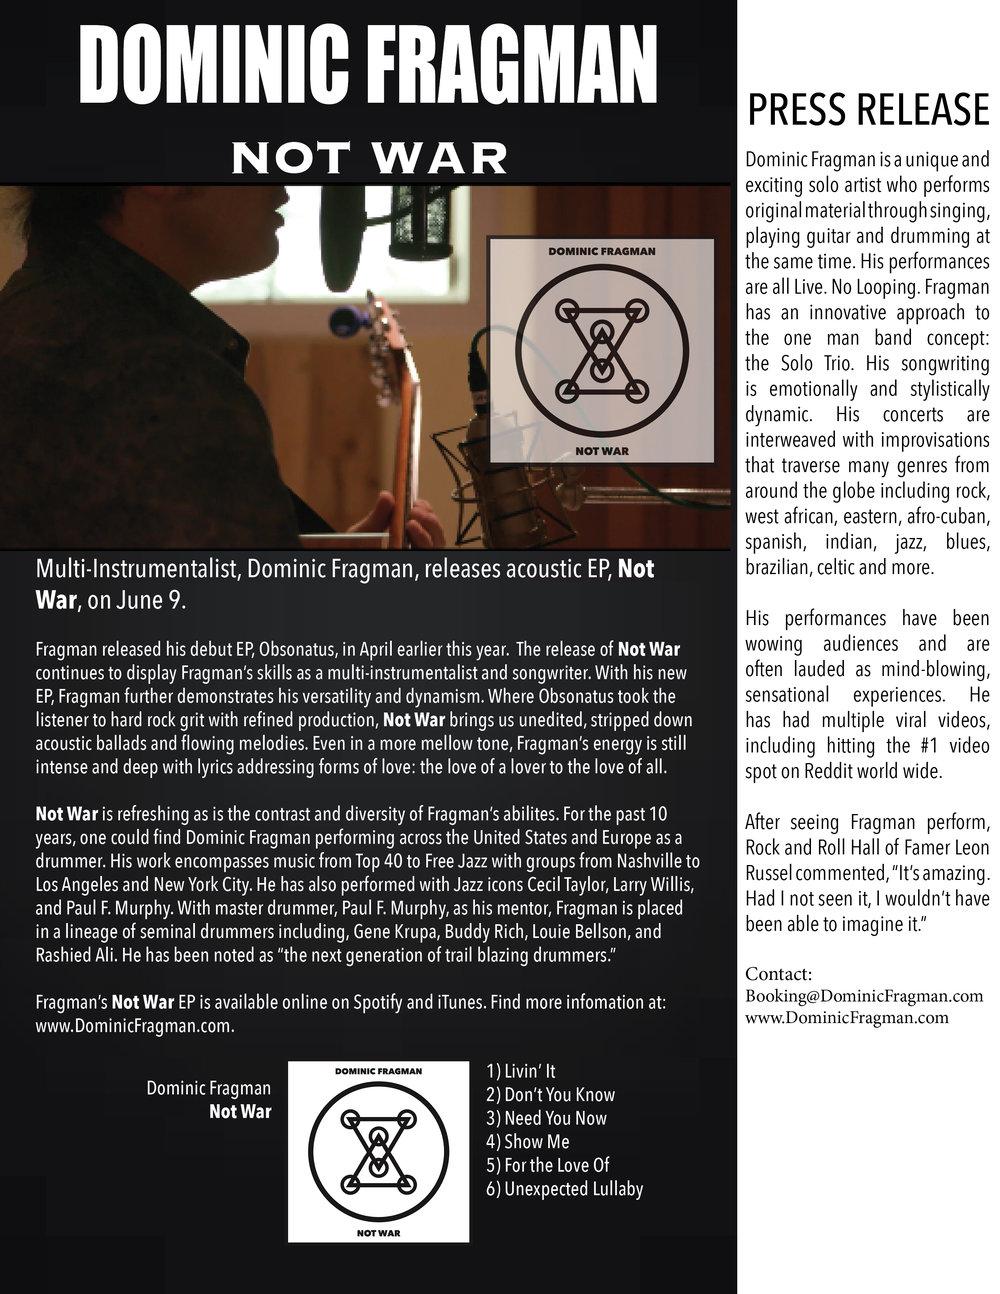 Not War Press Release.jpg